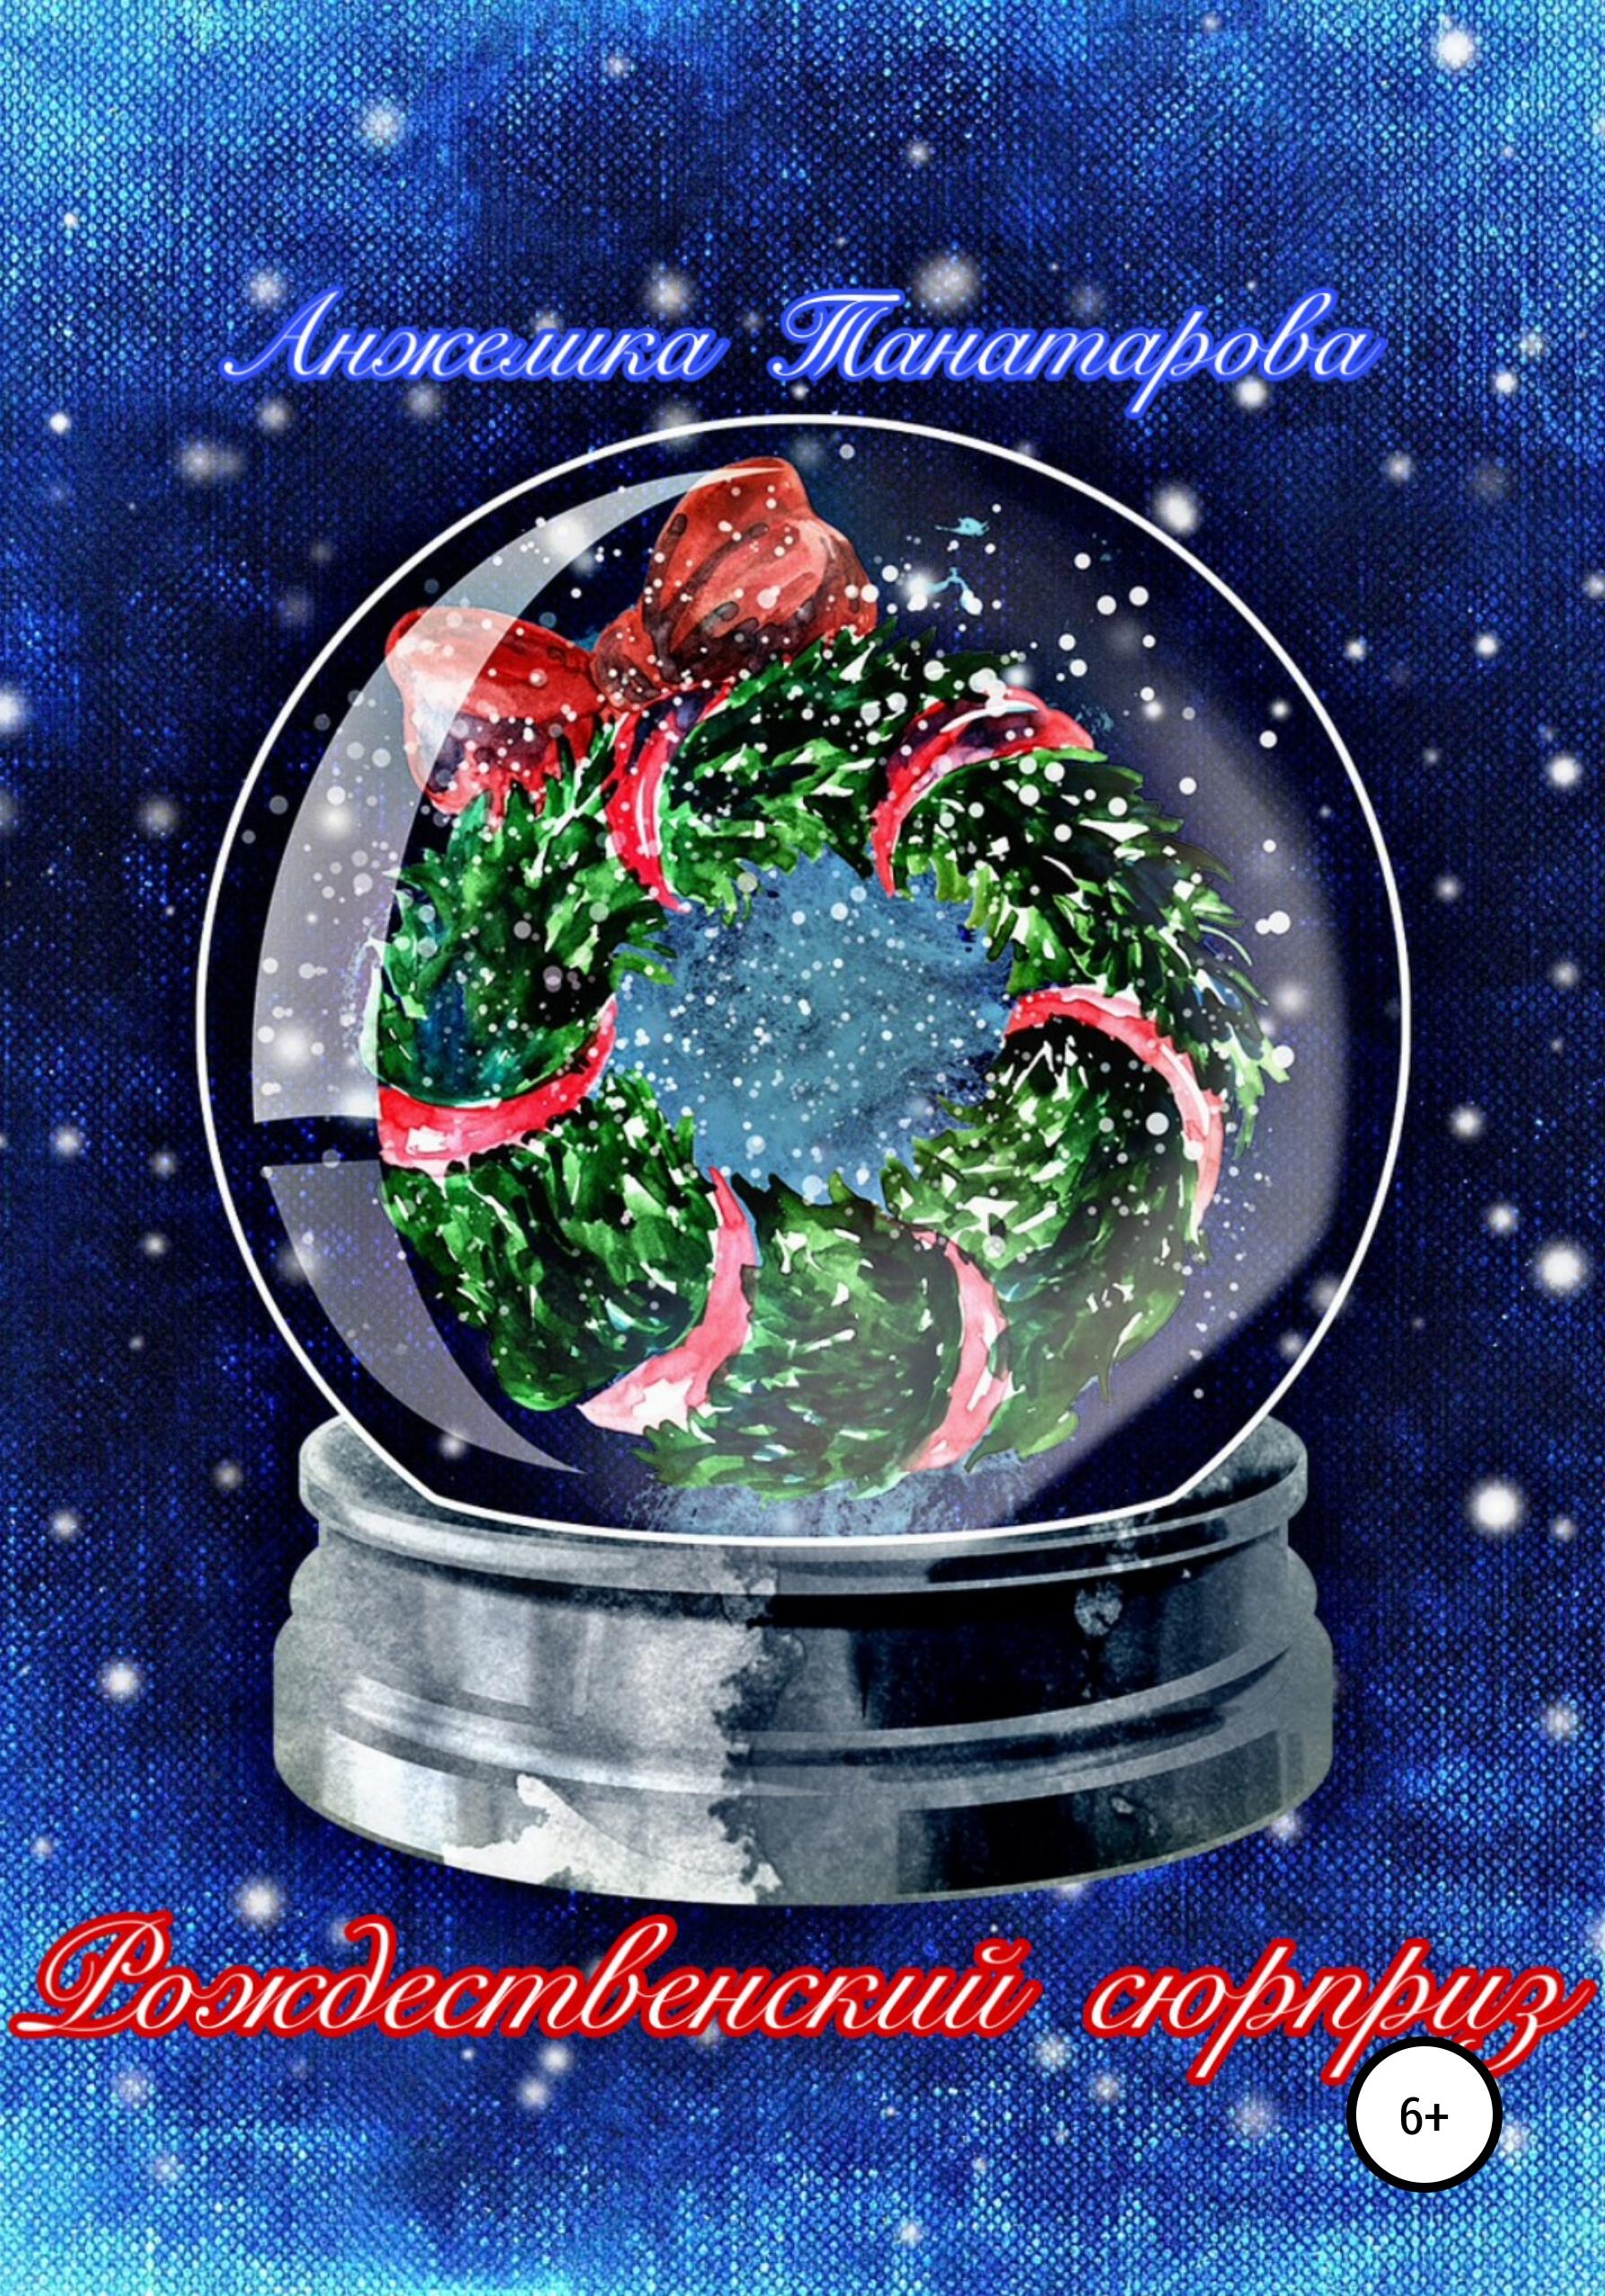 Купить книгу Рождественский сюрприз, автора Анжелики Танатаровой